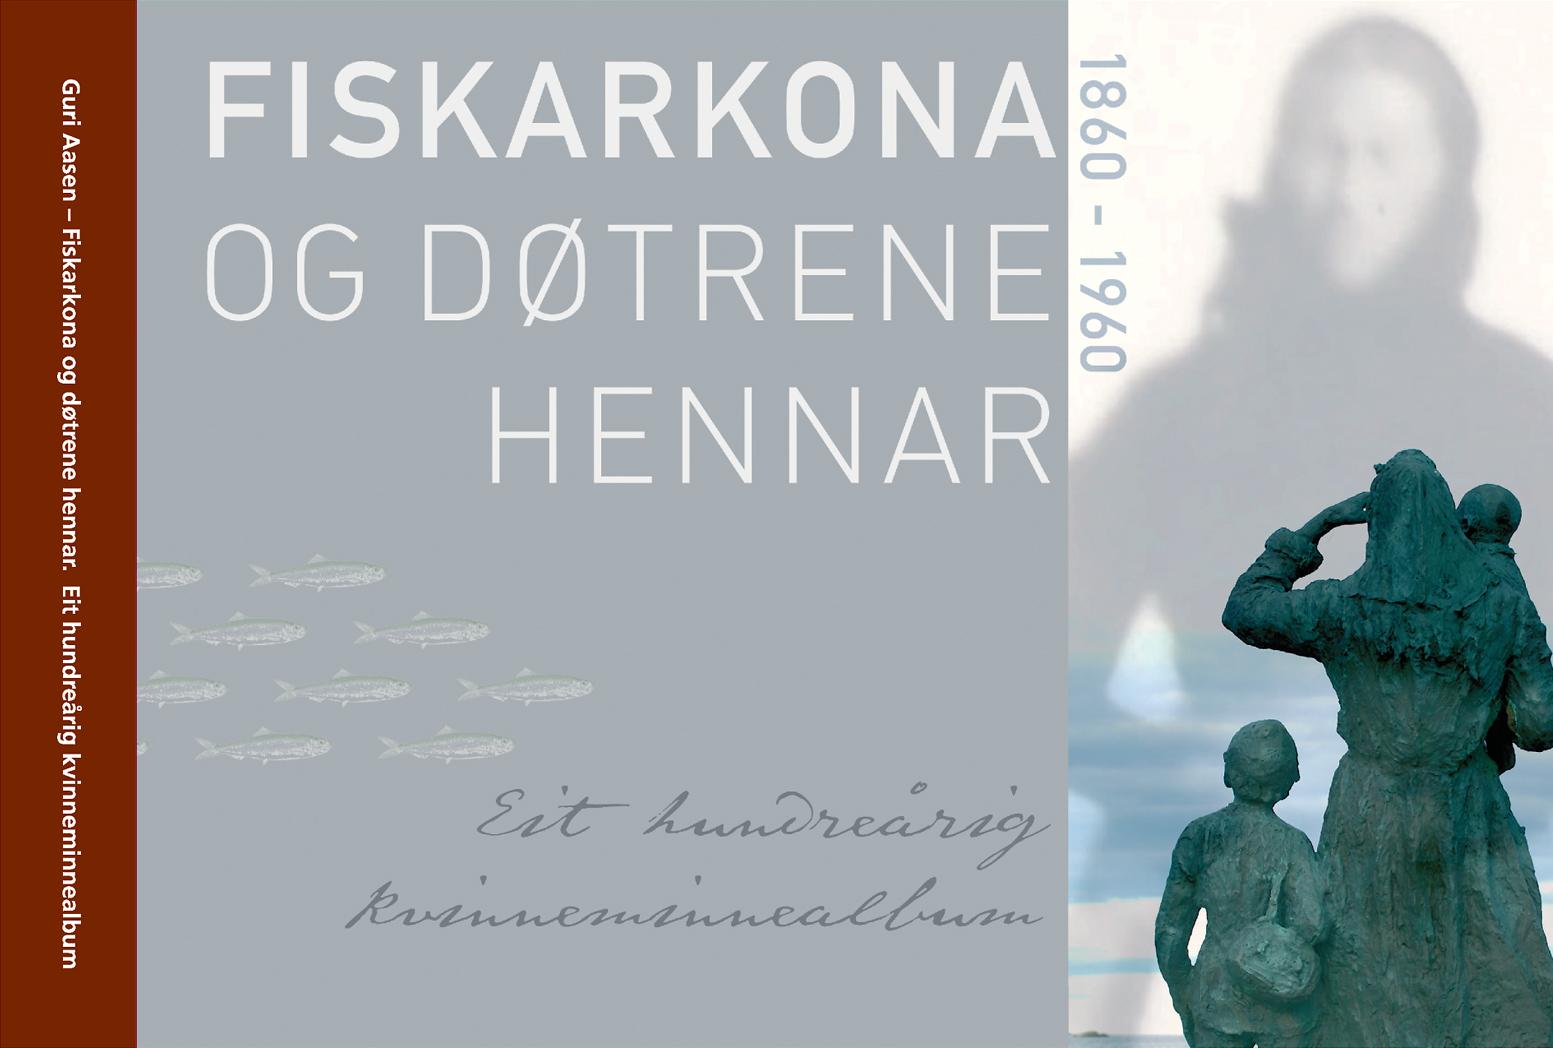 AFramside Fiskarkona og døtrene hennar